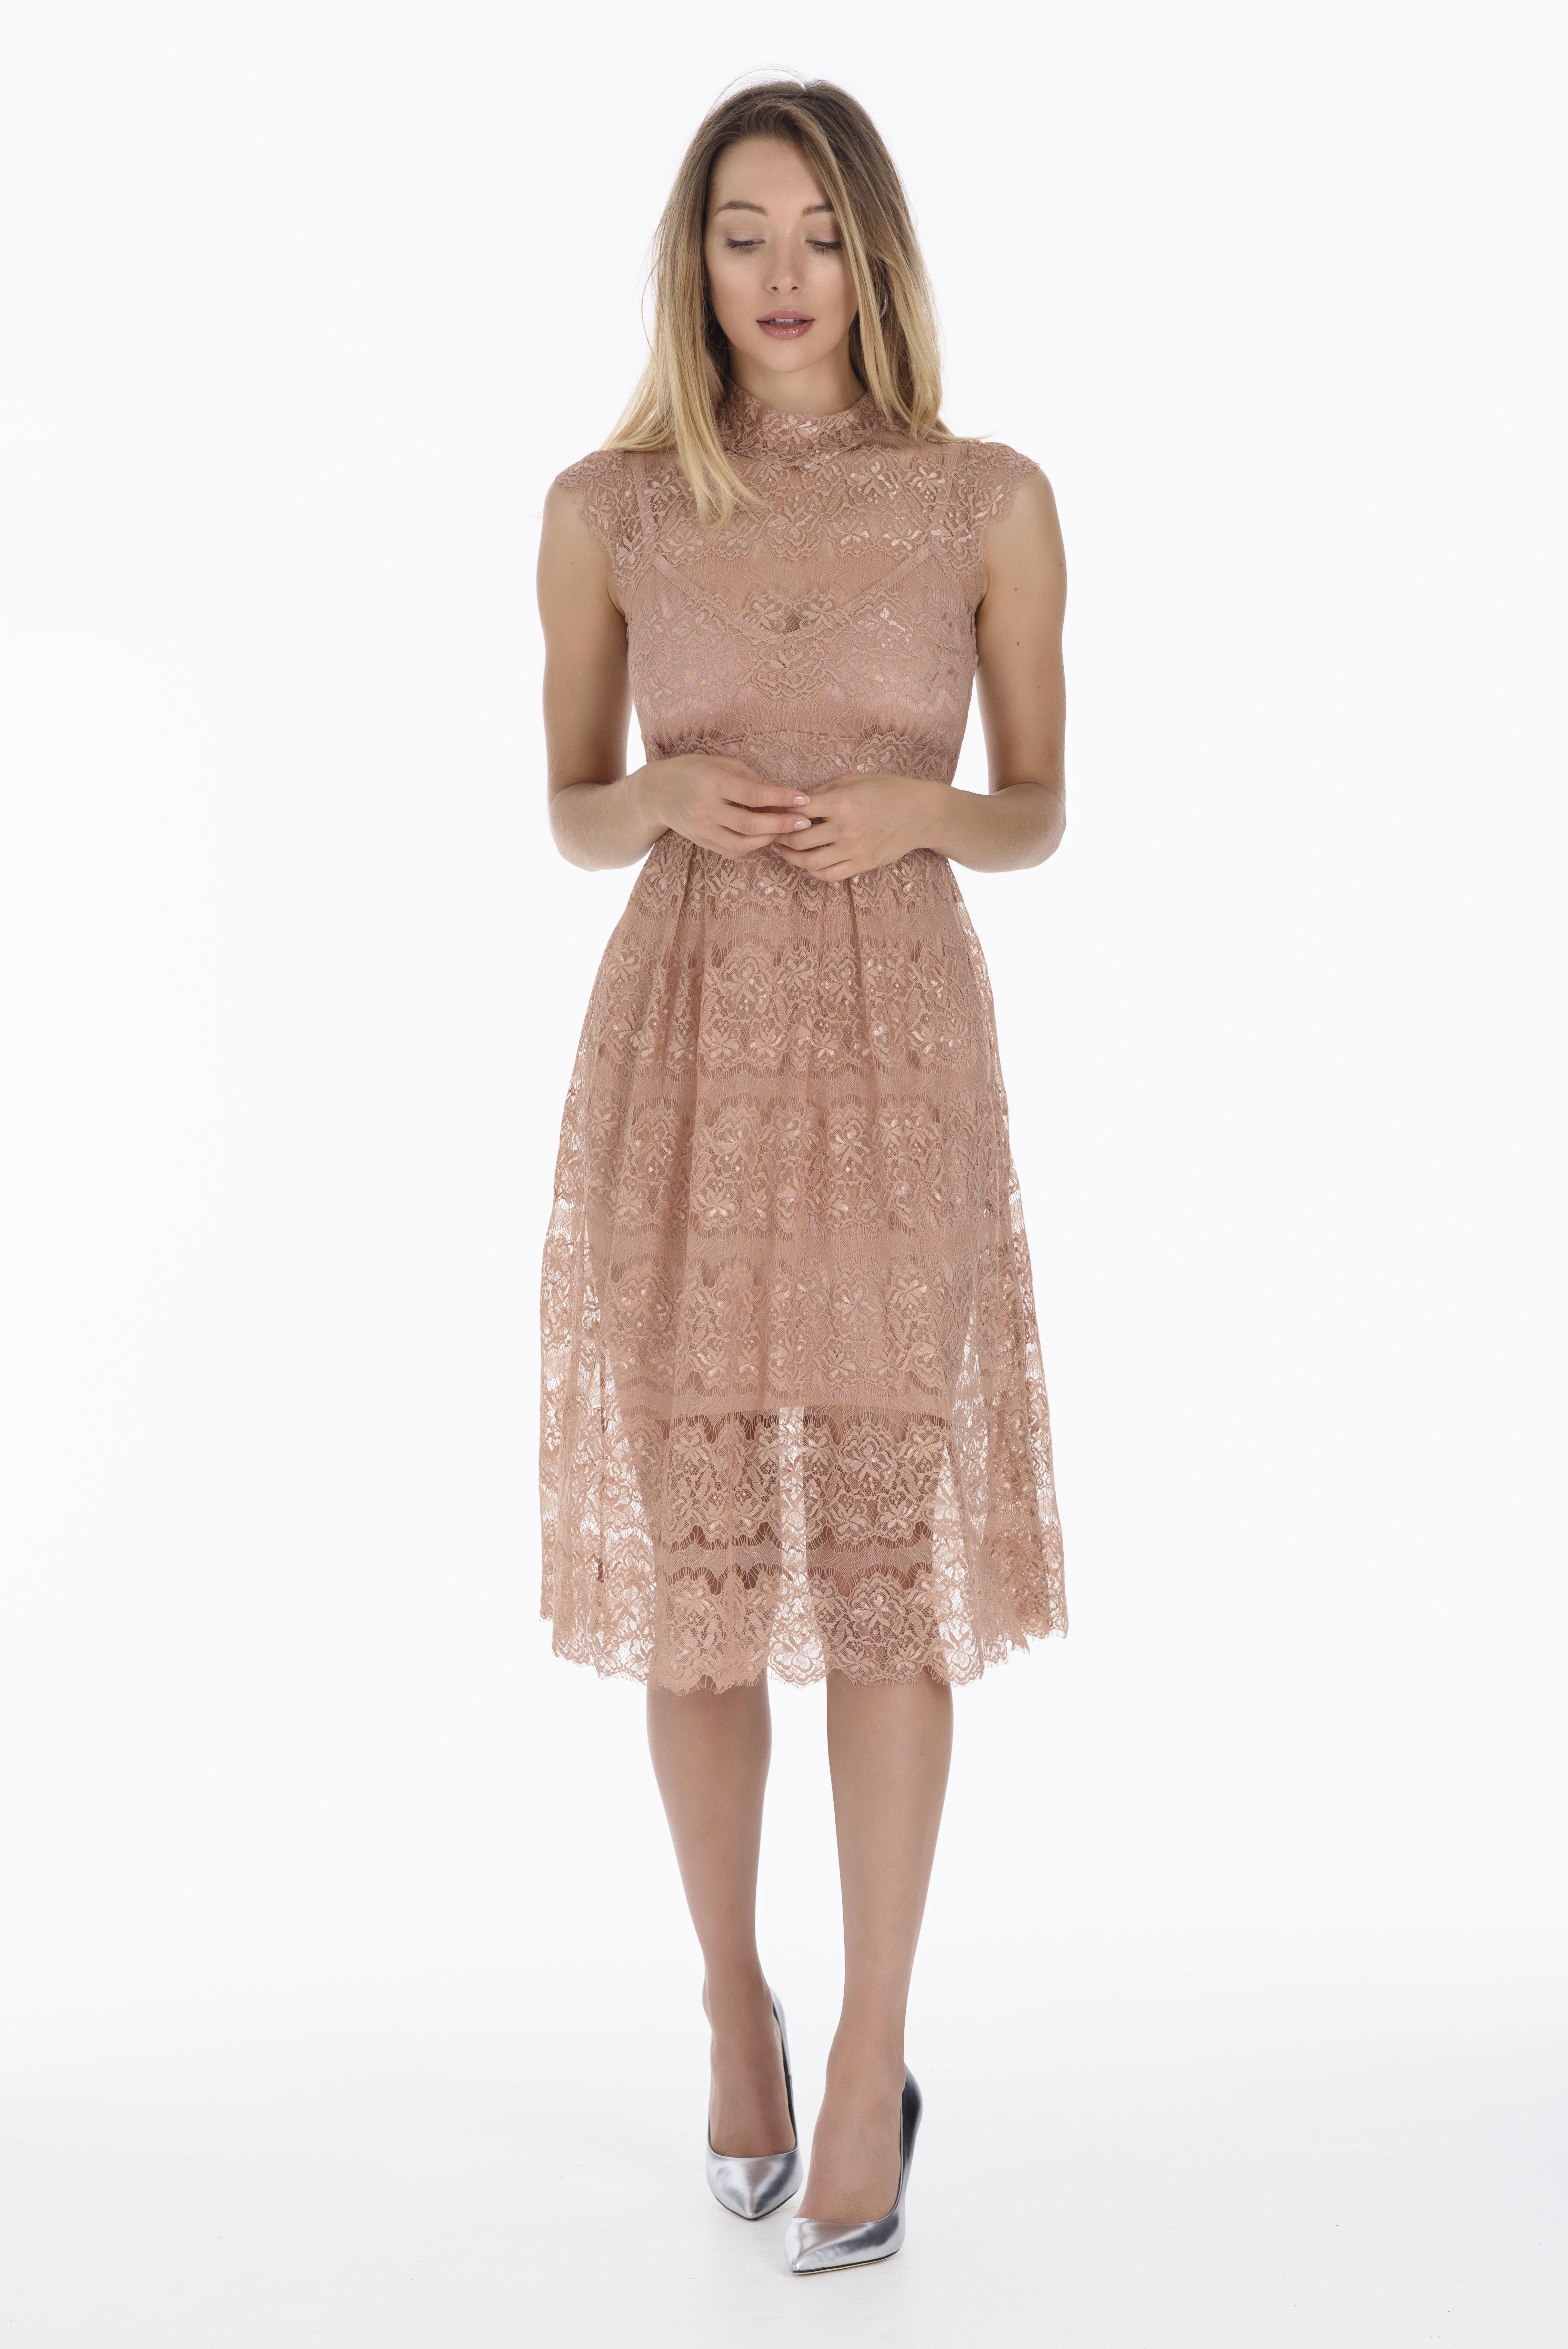 471accce96 El vestido de fiesta Peony es un hermoso vestido de encaje de filigrana